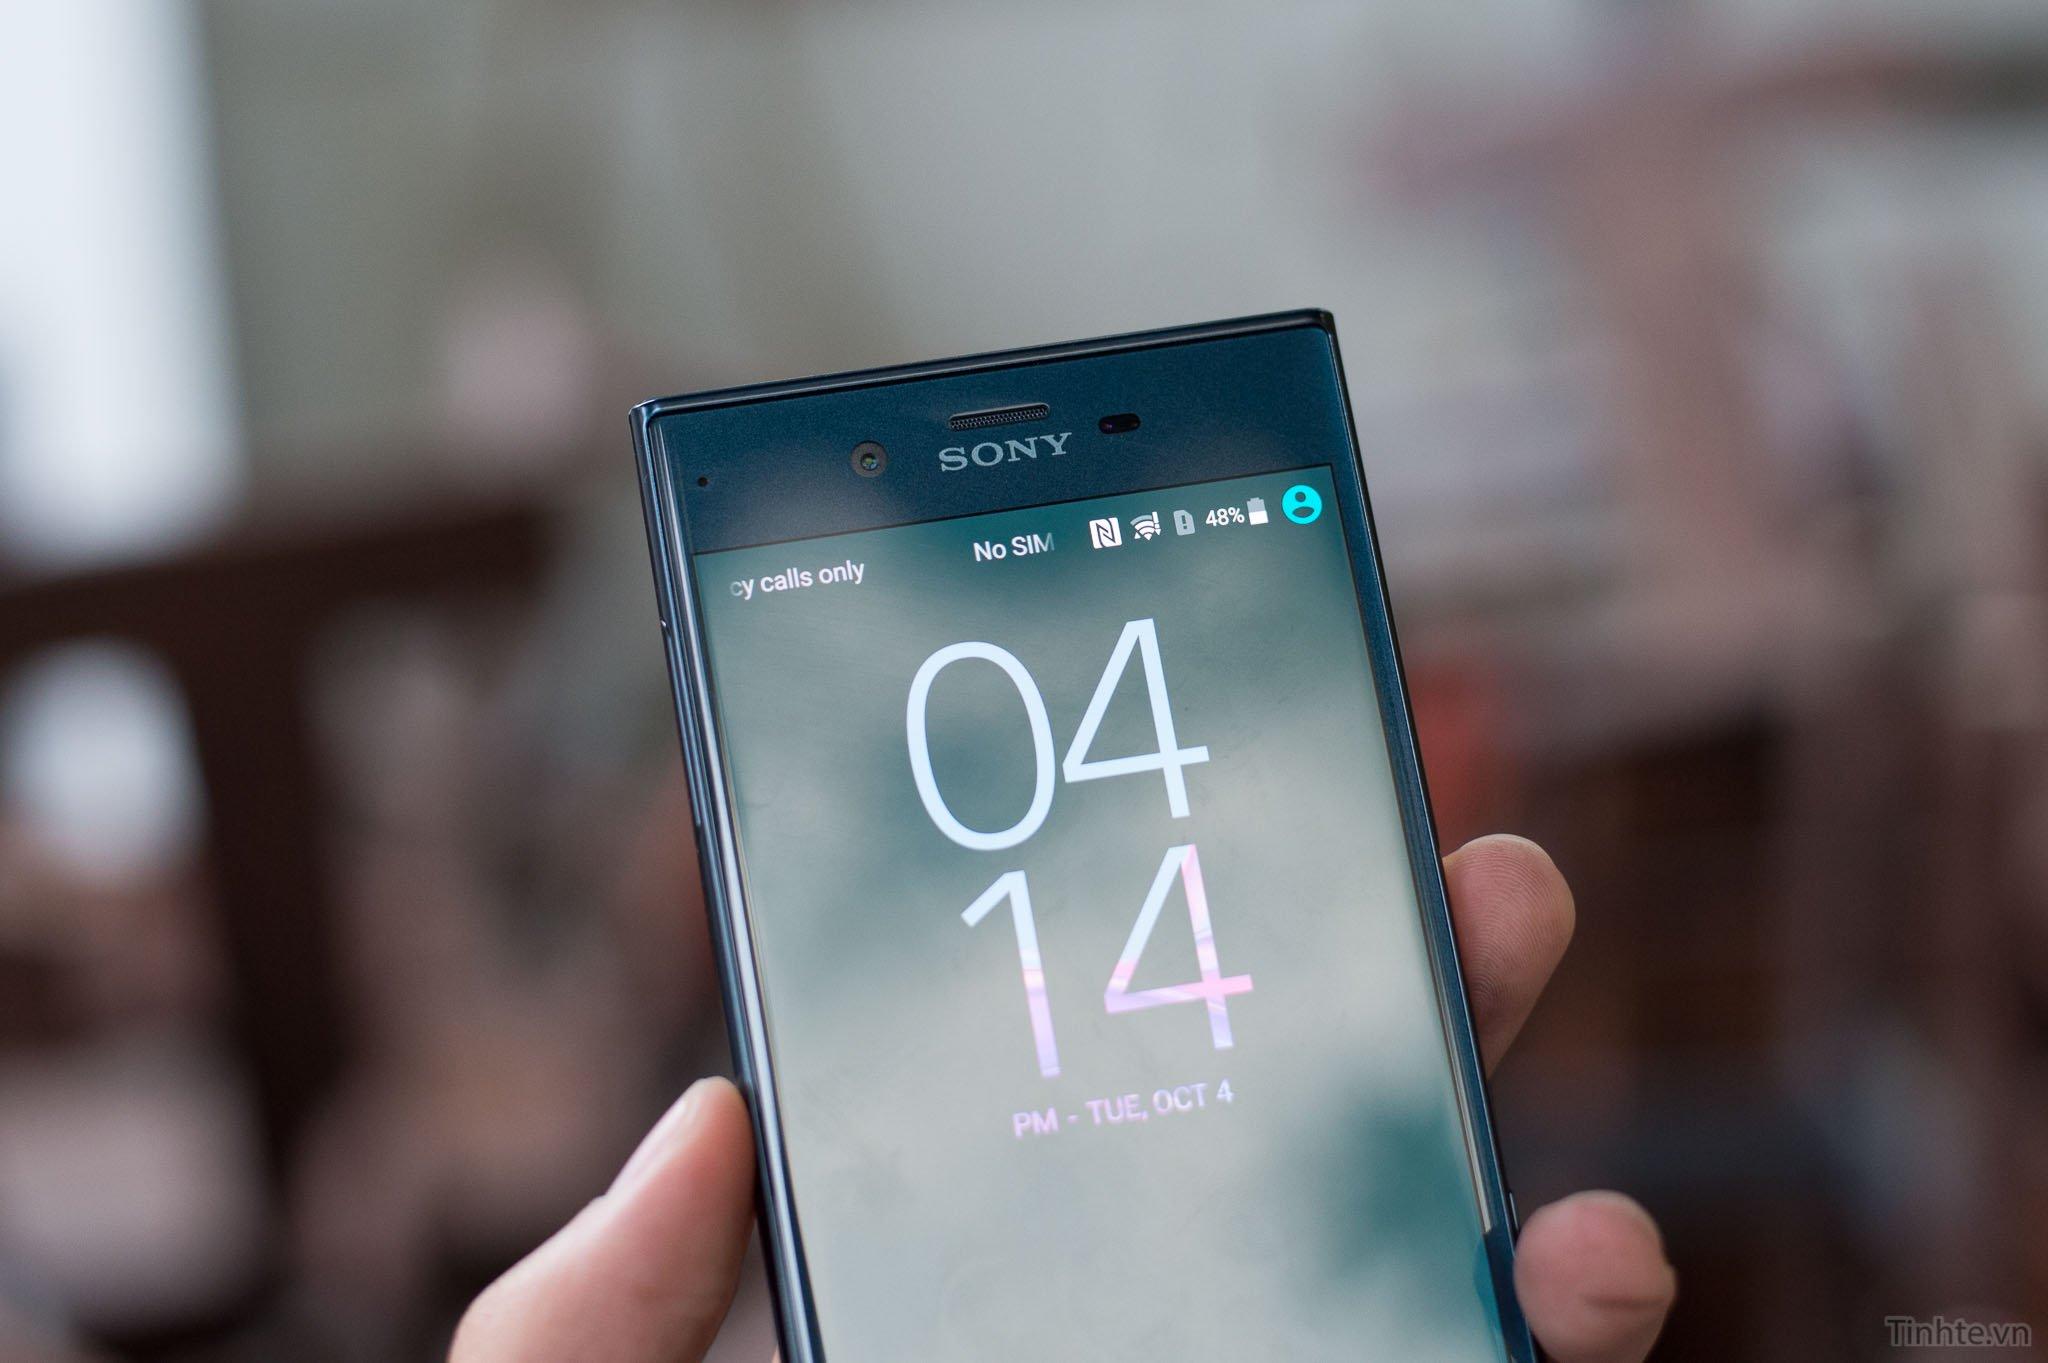 Đang tải Danh_Gia_nhanh_Sony_Xperia_XZ_tinhte.vn-4.jpg…